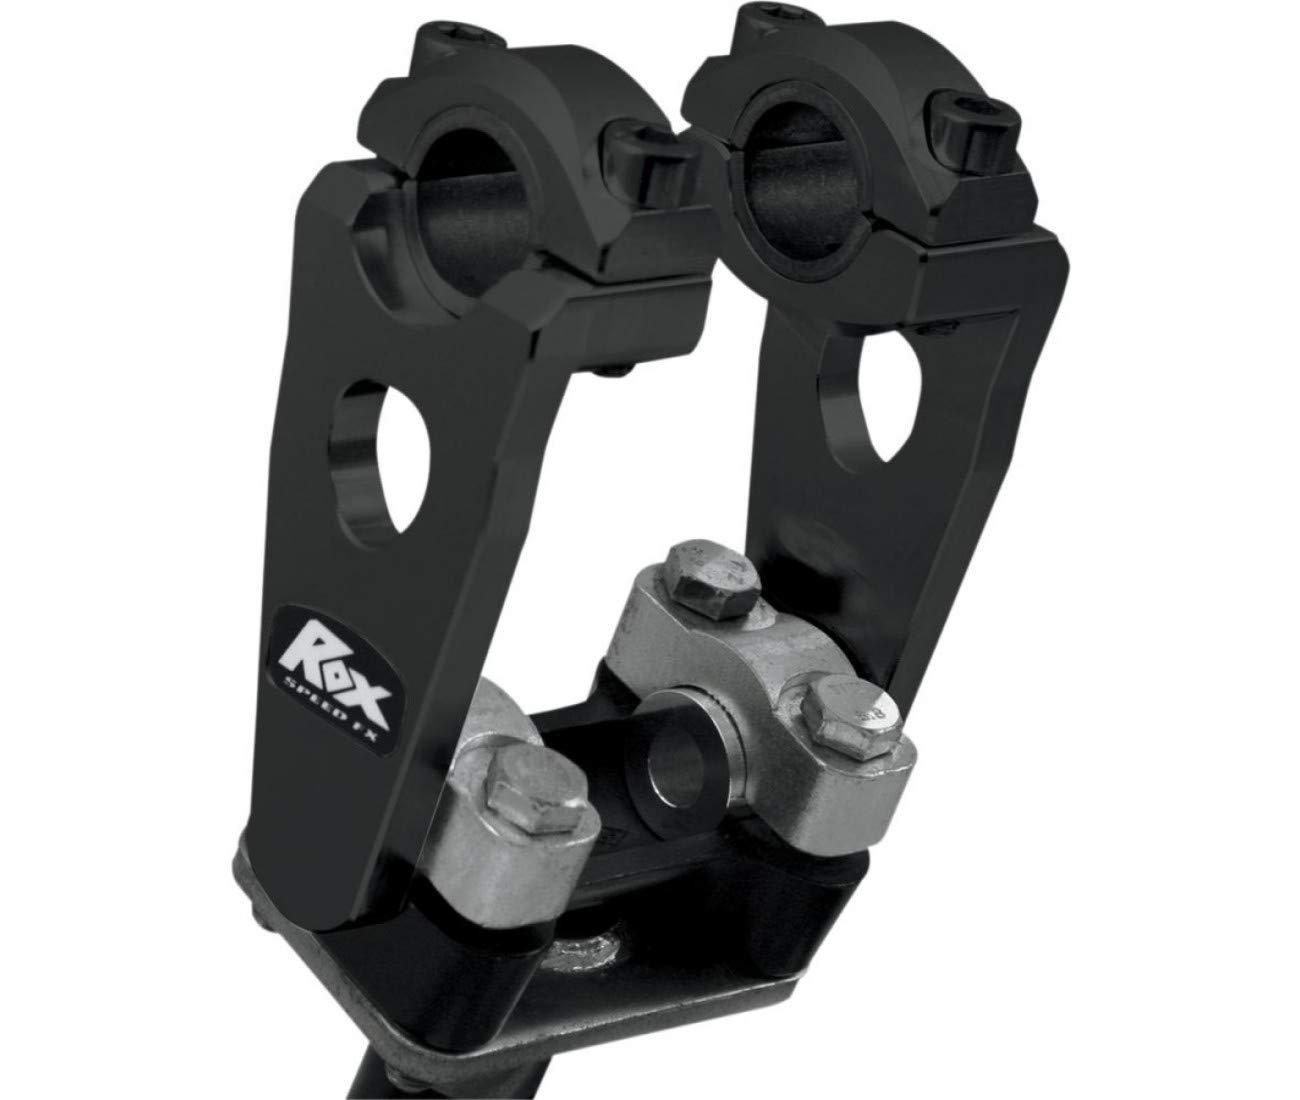 Paar kompensierte drehbar-Lenker Alu schwarz 125 mm riser- 0602 – 0442